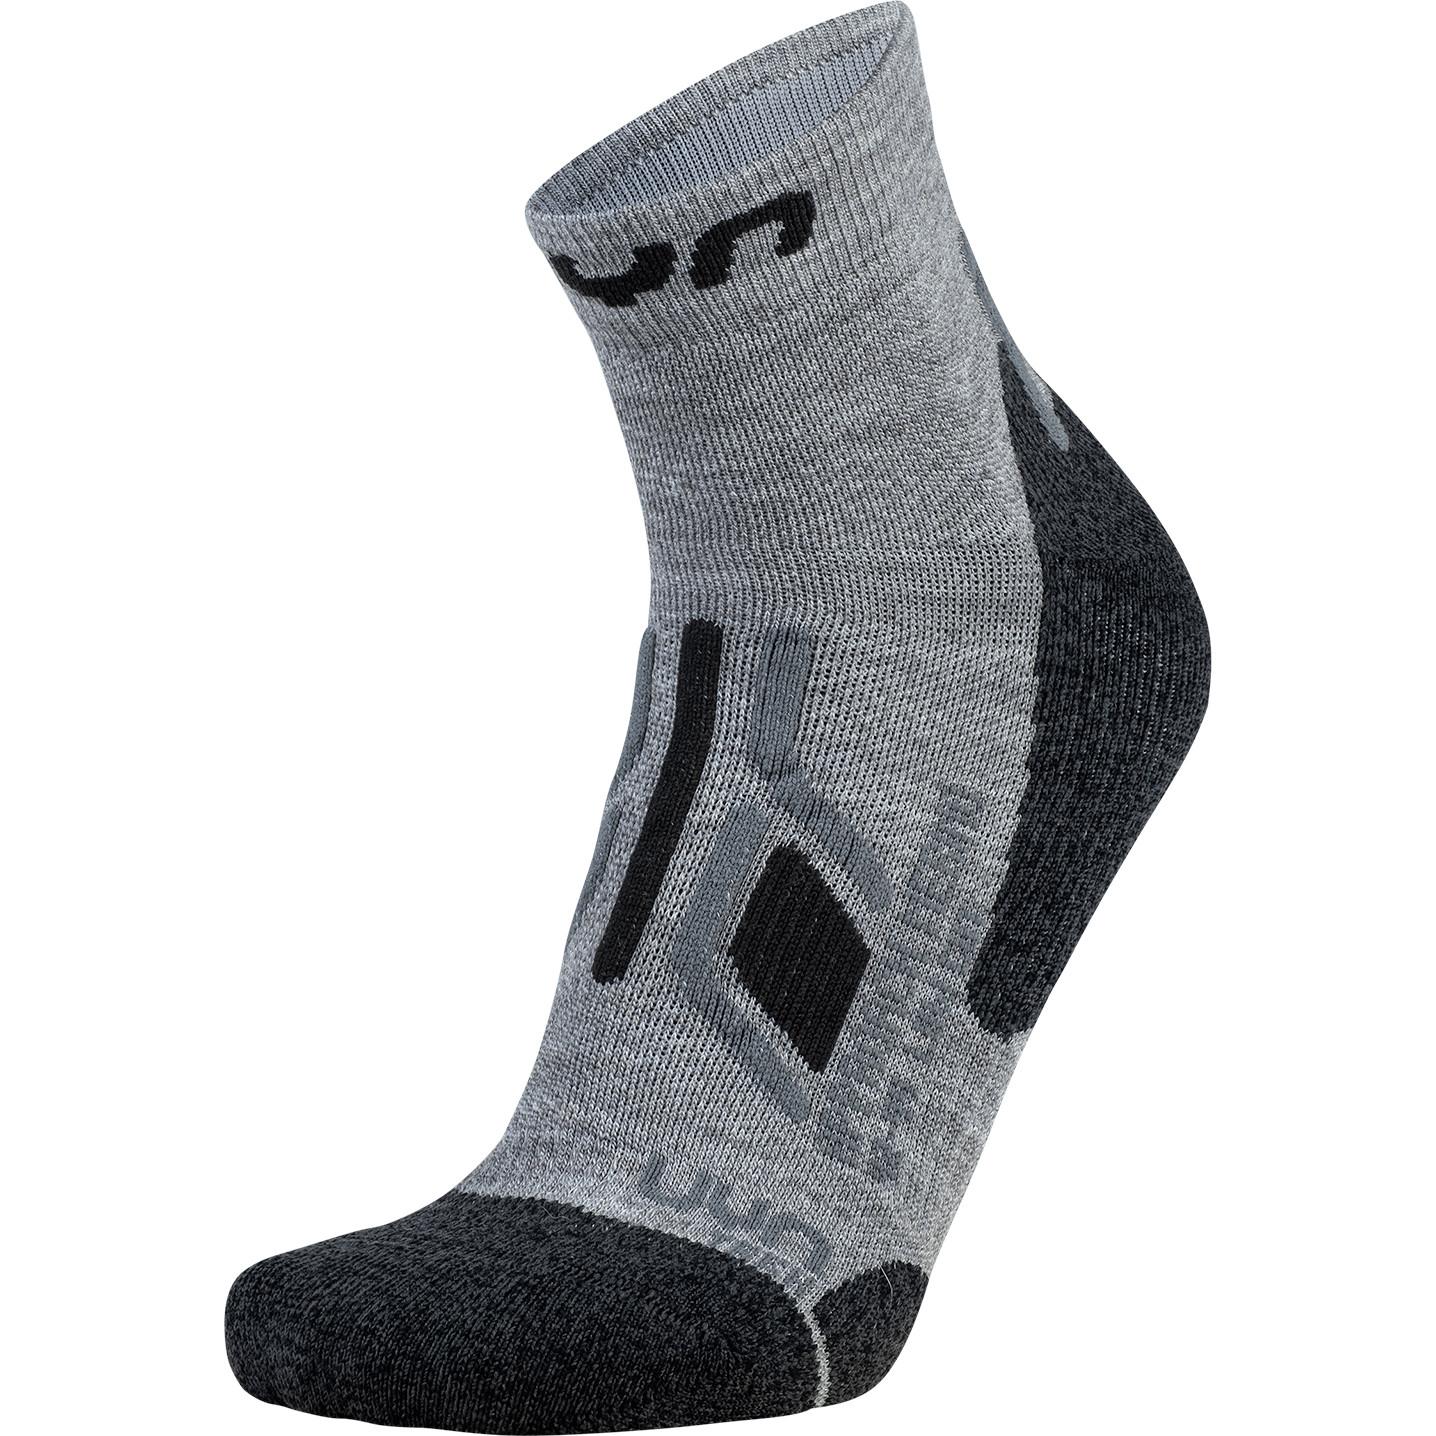 UYN Lady Trekking Approach Merino Low Cut Socks - Mid Grey